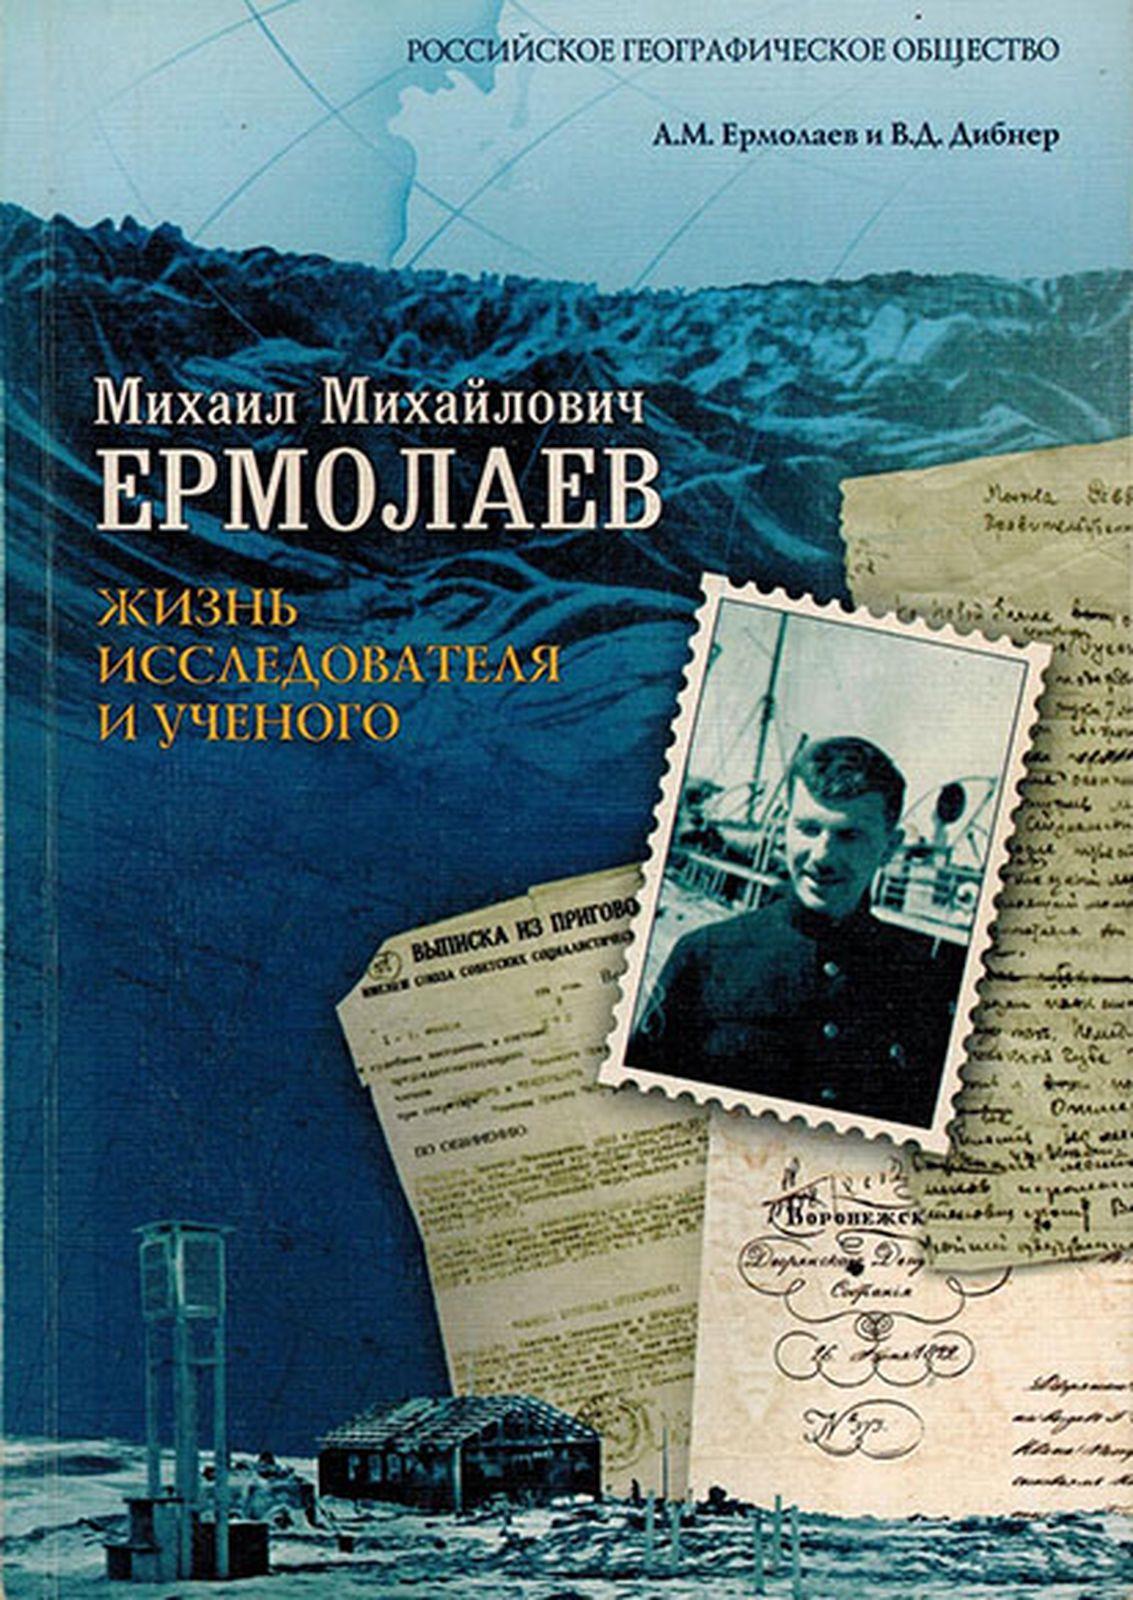 Фото - Ермолаев А.М., Дибнер В.Д. Михаил Михайлович Ермолаев. Жизнь исследователя и ученого геофизика